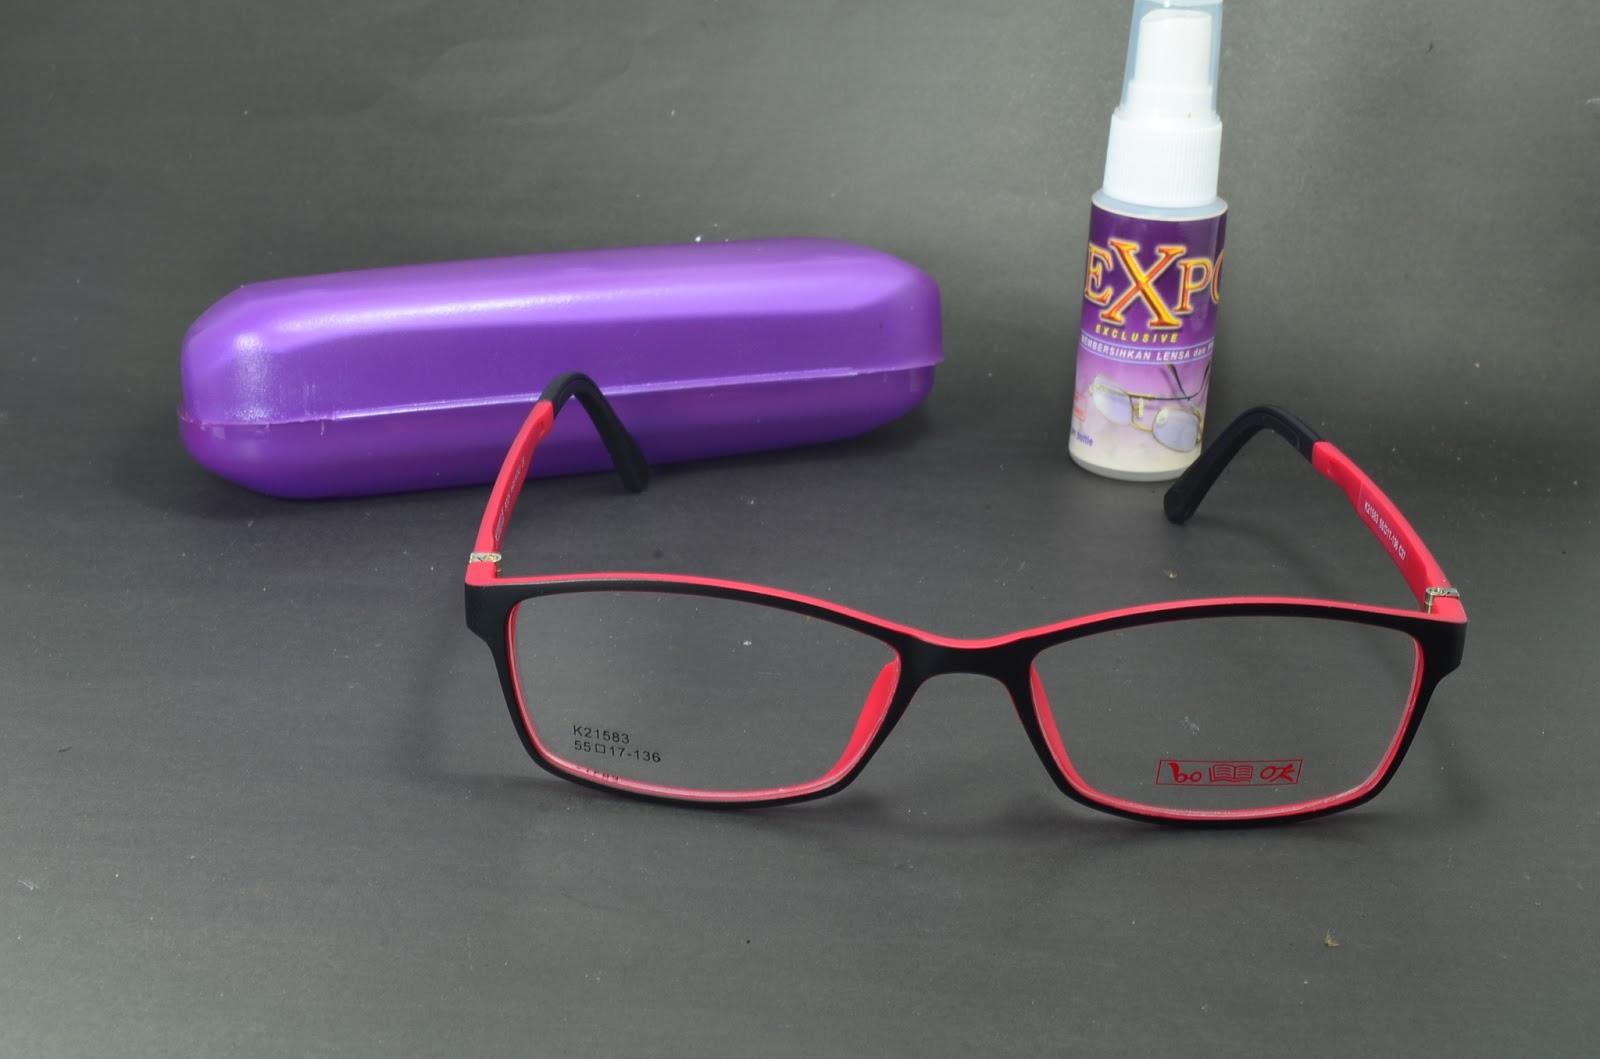 bahan halus.di jamin kualitasnya harga sudah termasuk lensa anti radiasi  kacamata ini cocok untuk pria maupun wanita   unisex 8d7913cc14